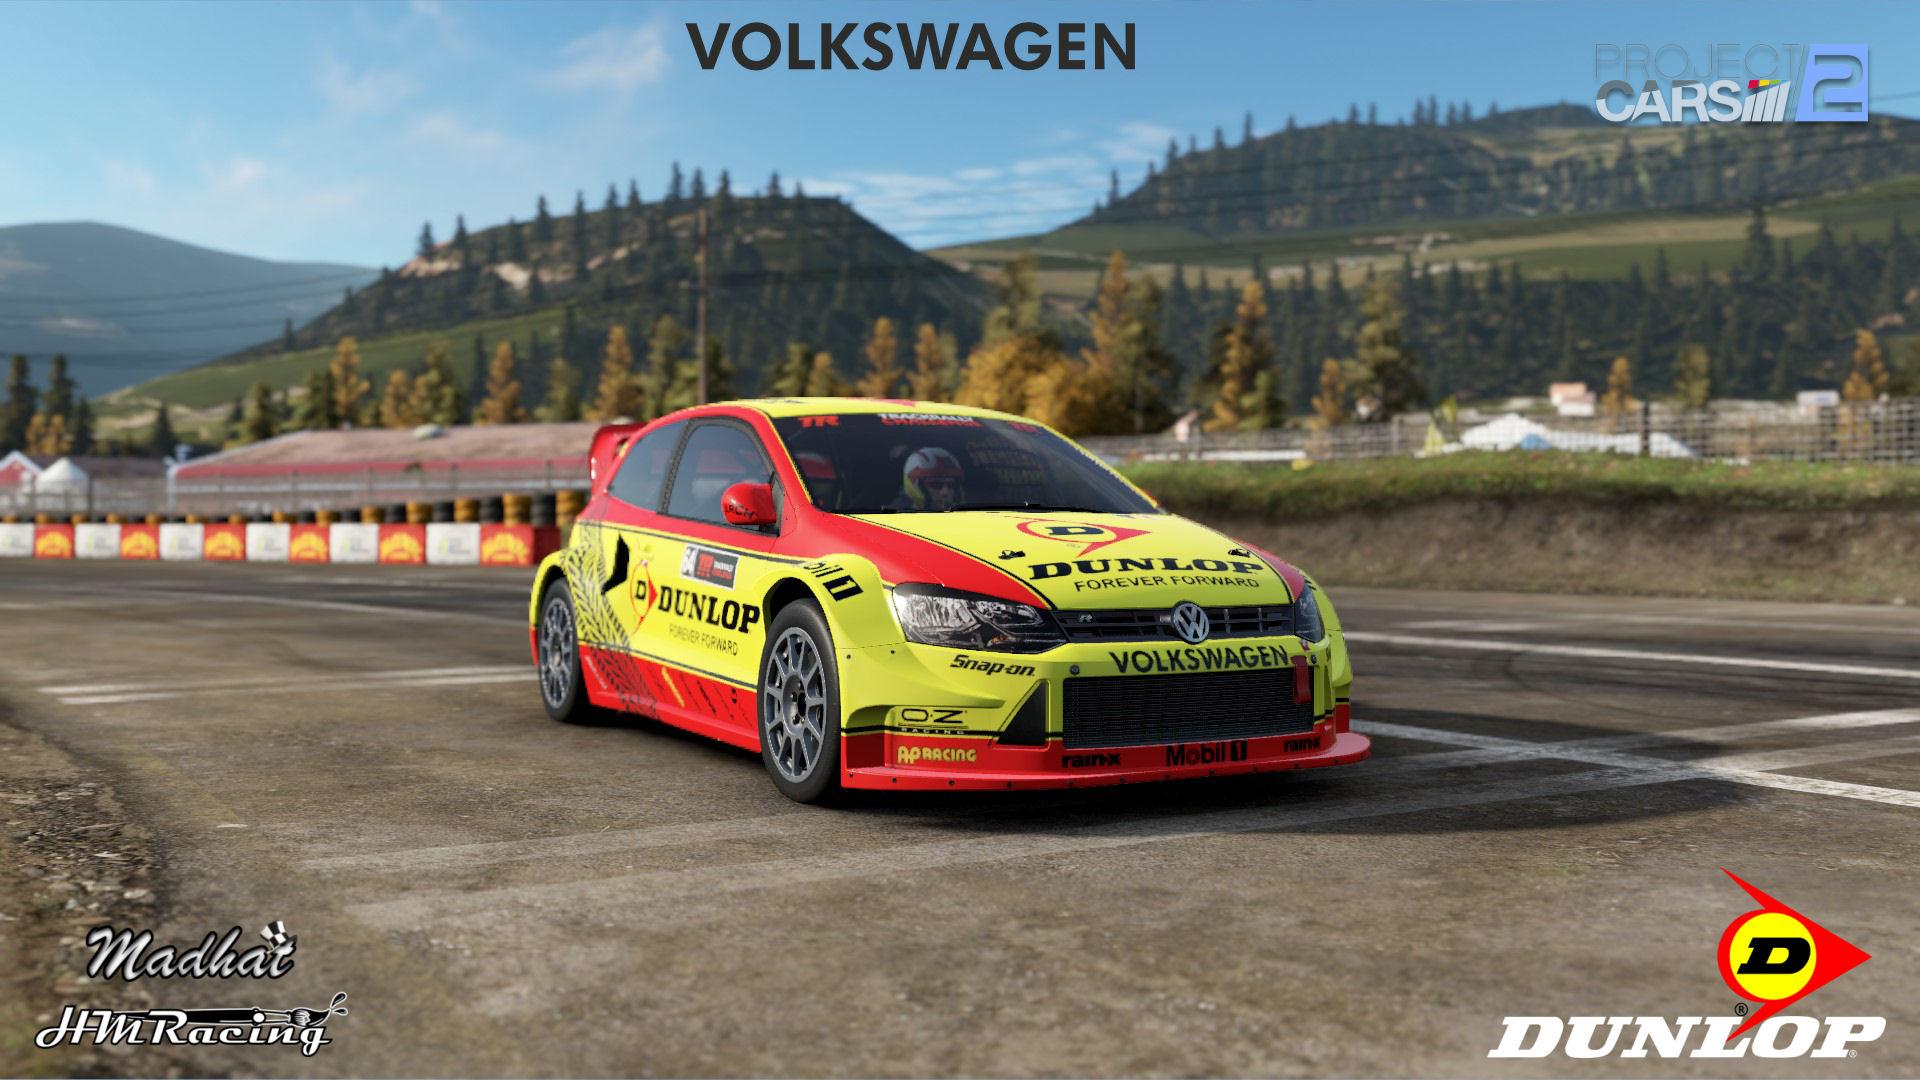 Dunlop VW Polo RX 04.jpg